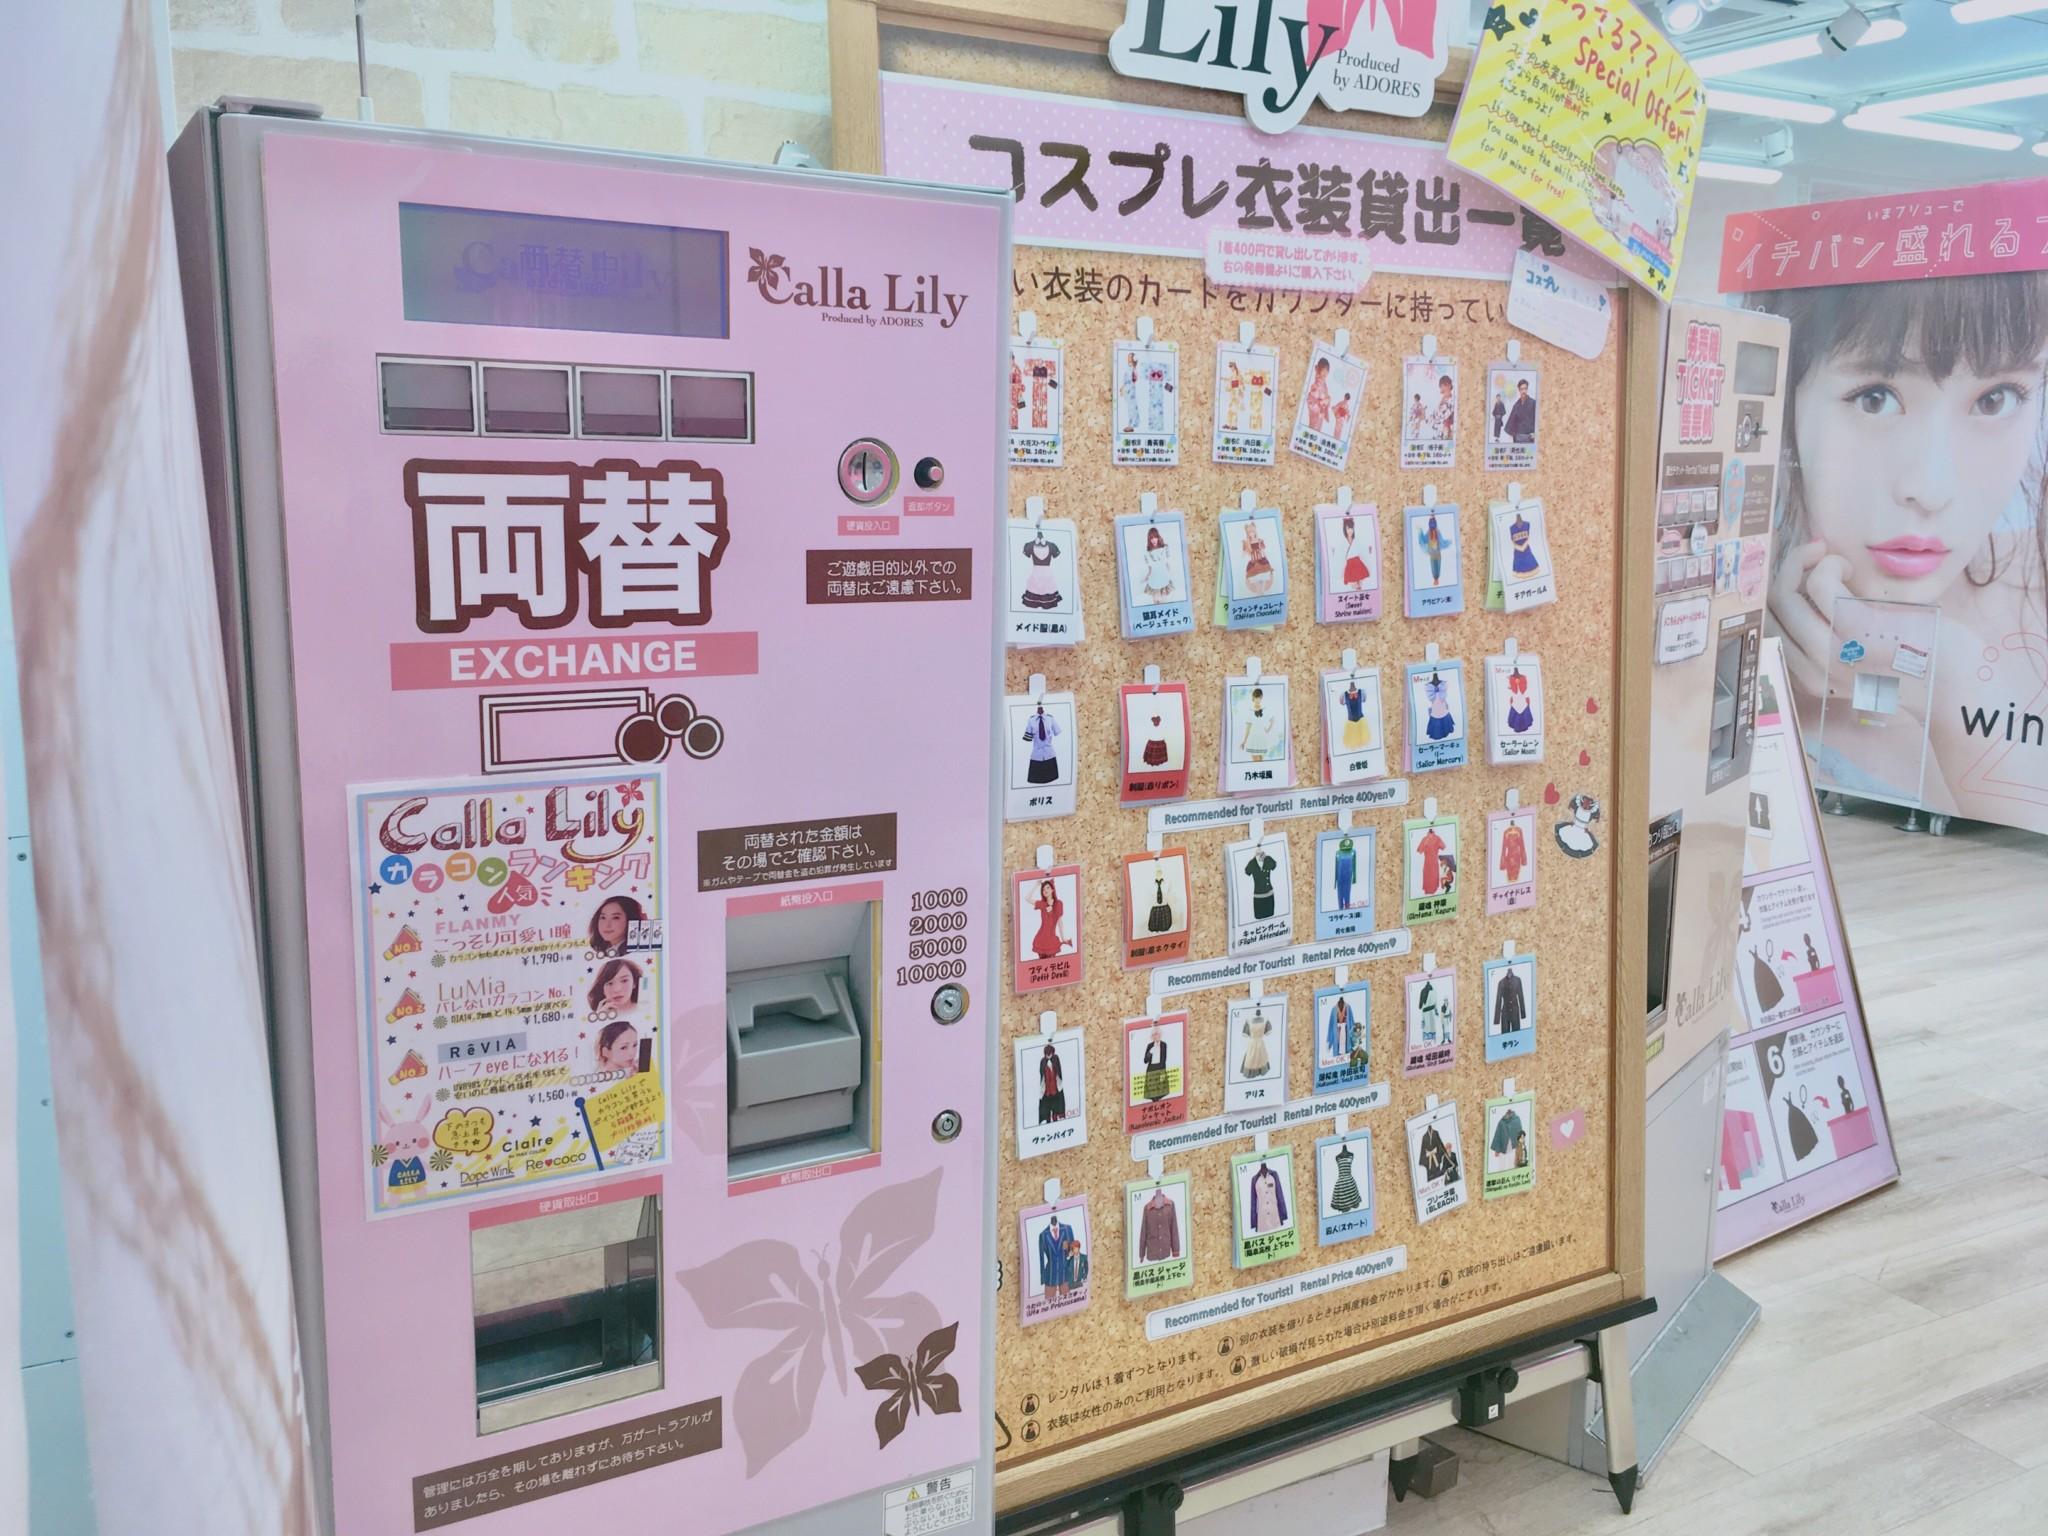 渋谷プリクラが撮れるお店「アドアーズ カラーリリー」2